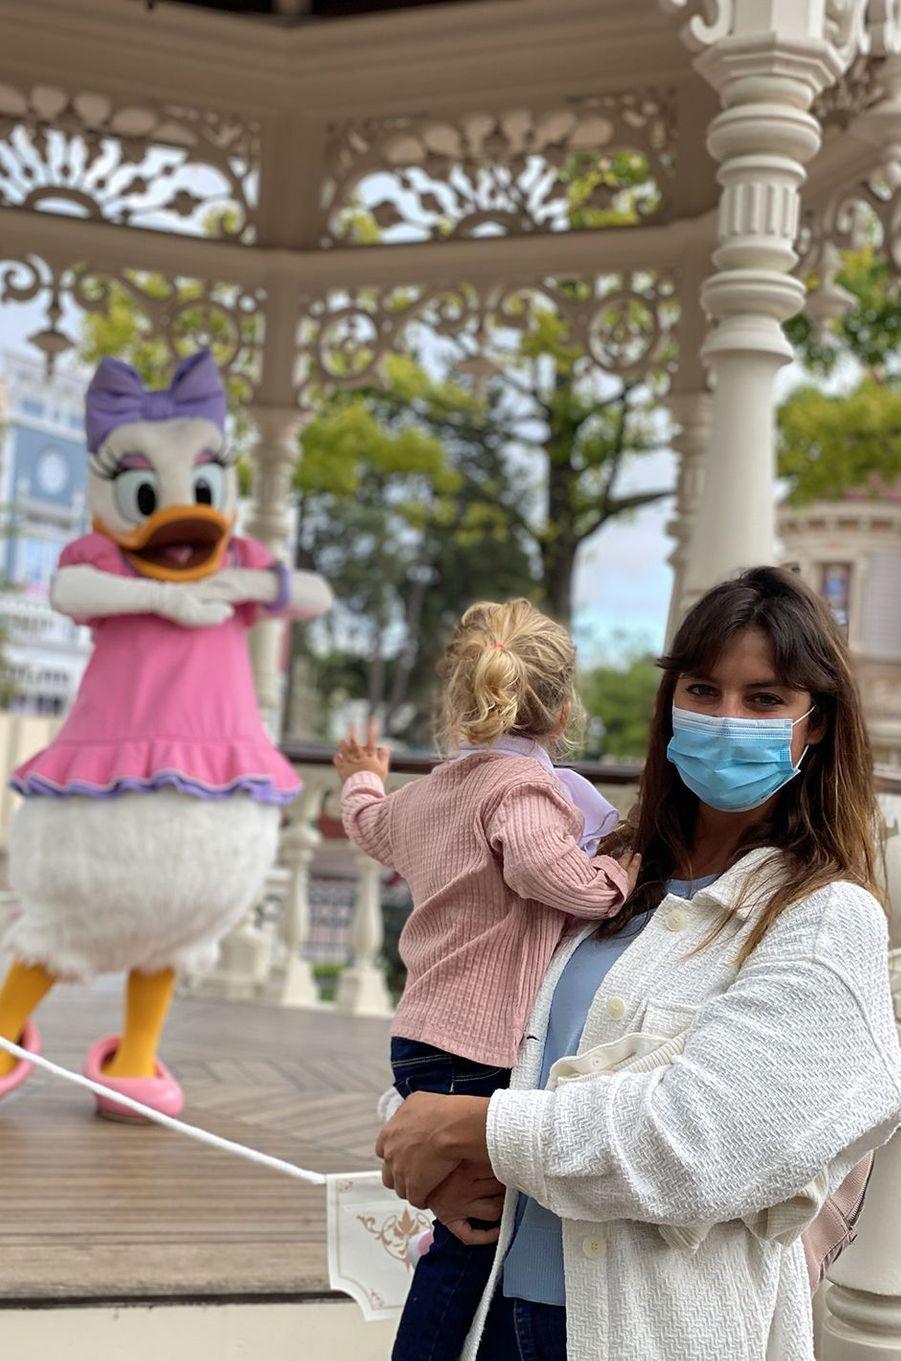 Laetitia Milot et sa fille Lyanaen visite à Disneyland Paris